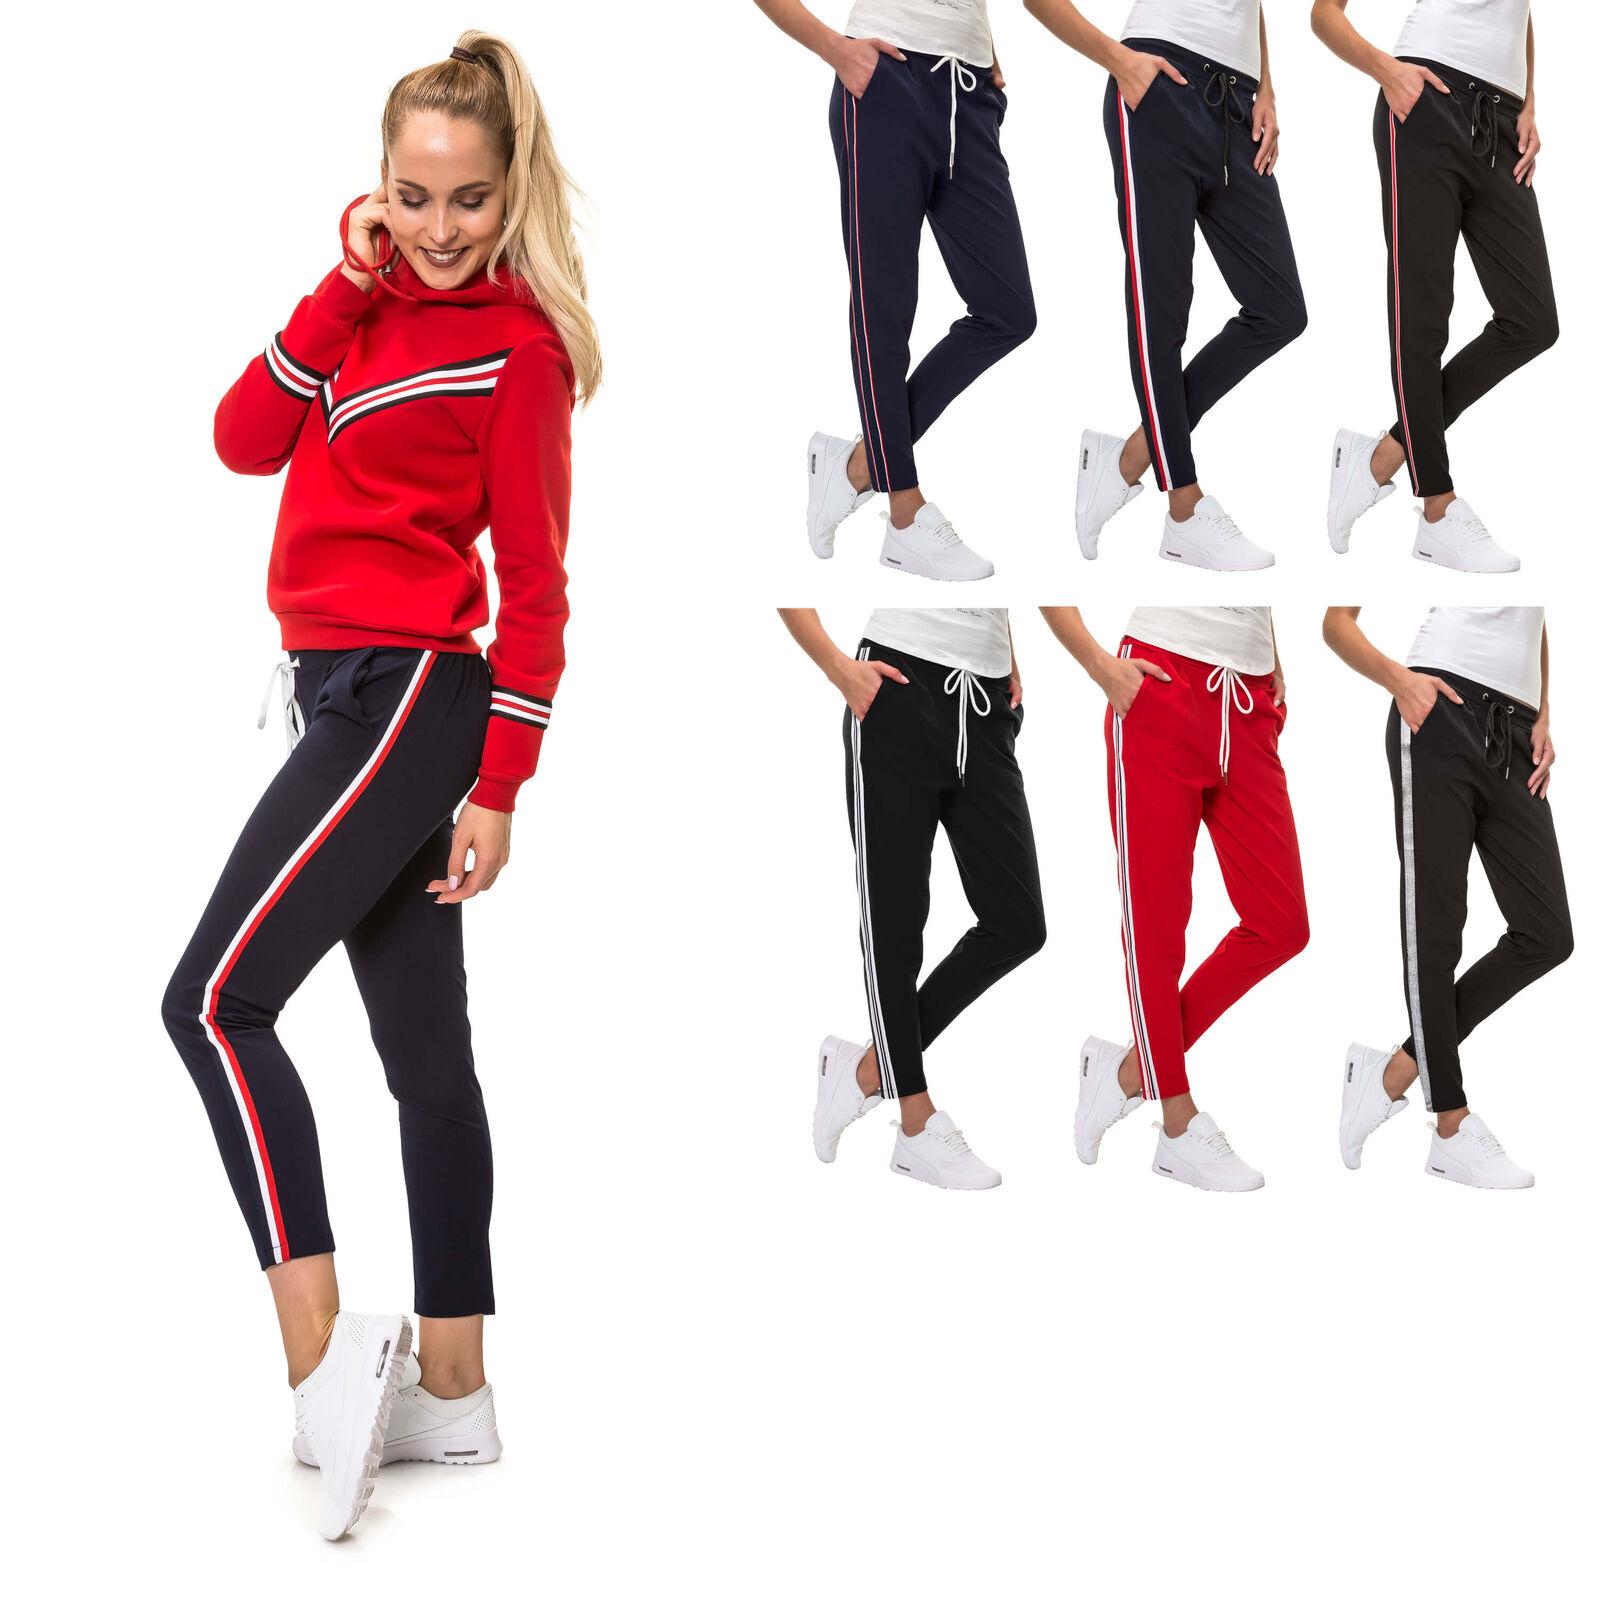 Hachiro Damen Hose Freizeithose Jogginghose Trainingshose Sportswear Damenhose